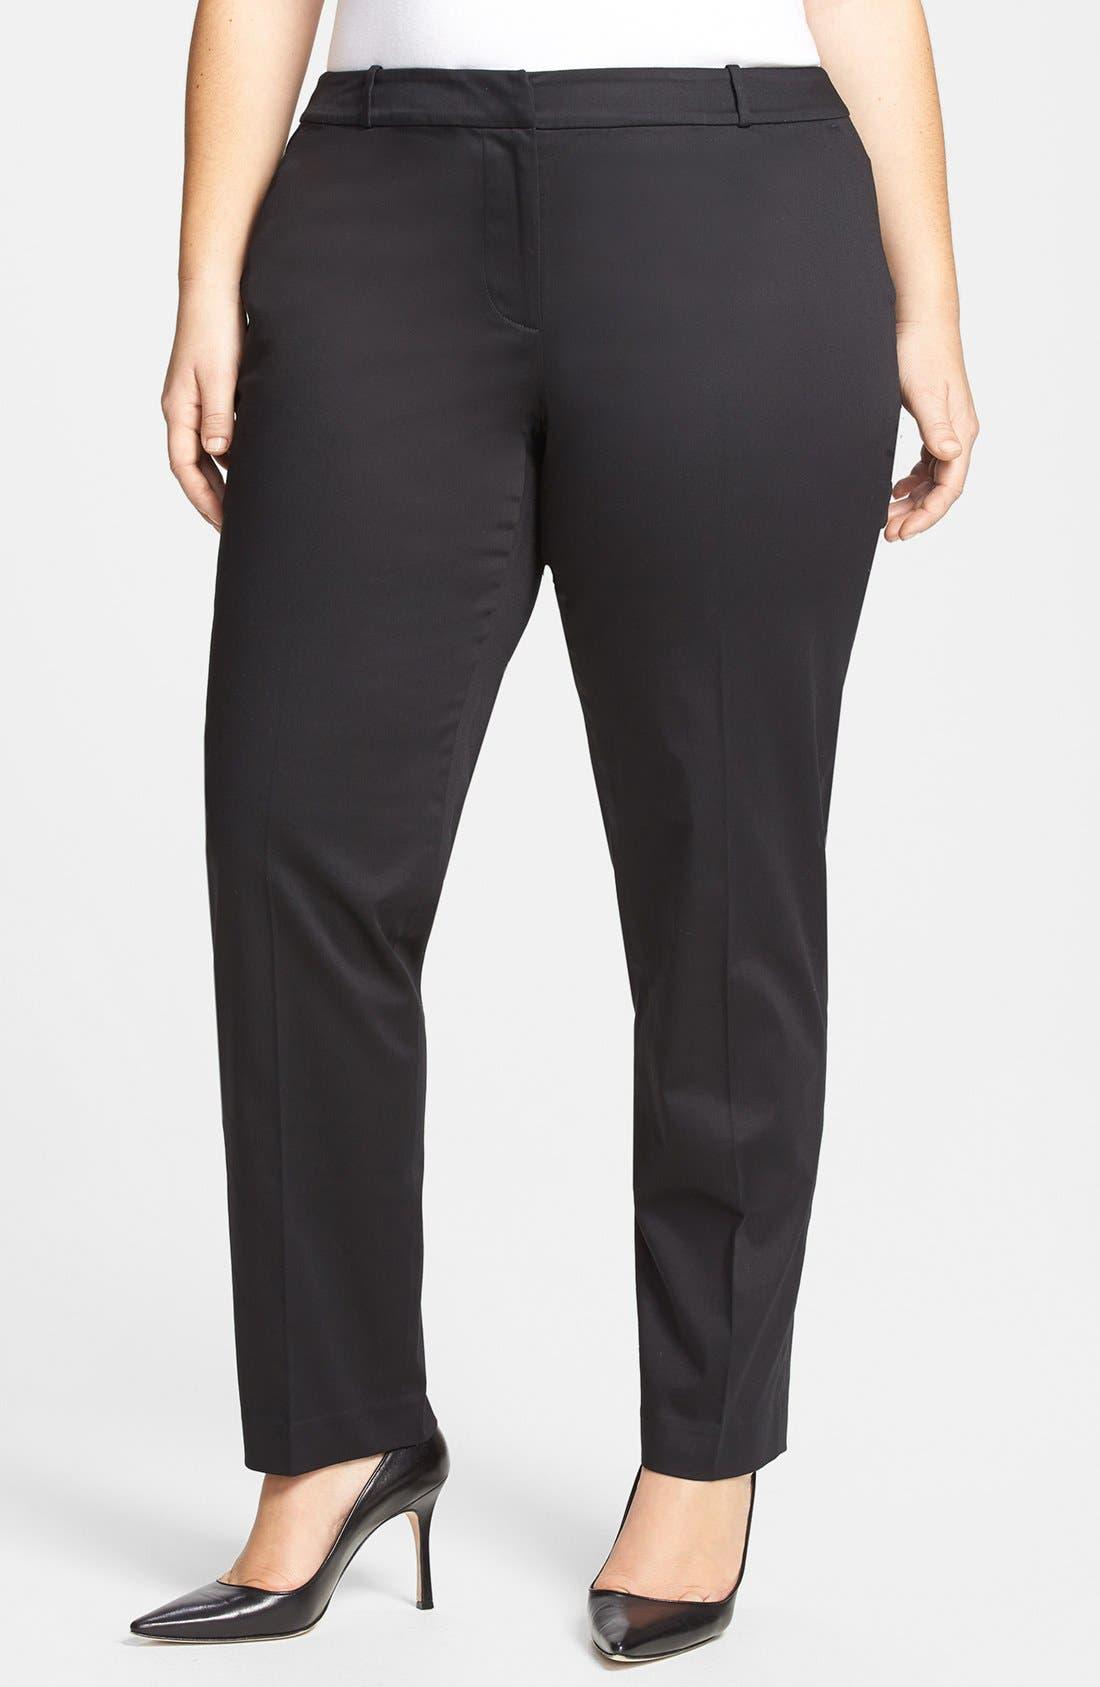 Main Image - MICHAEL Michael Kors 'Welles' Stretch Cotton Sateen Ankle Pants (Plus Size)